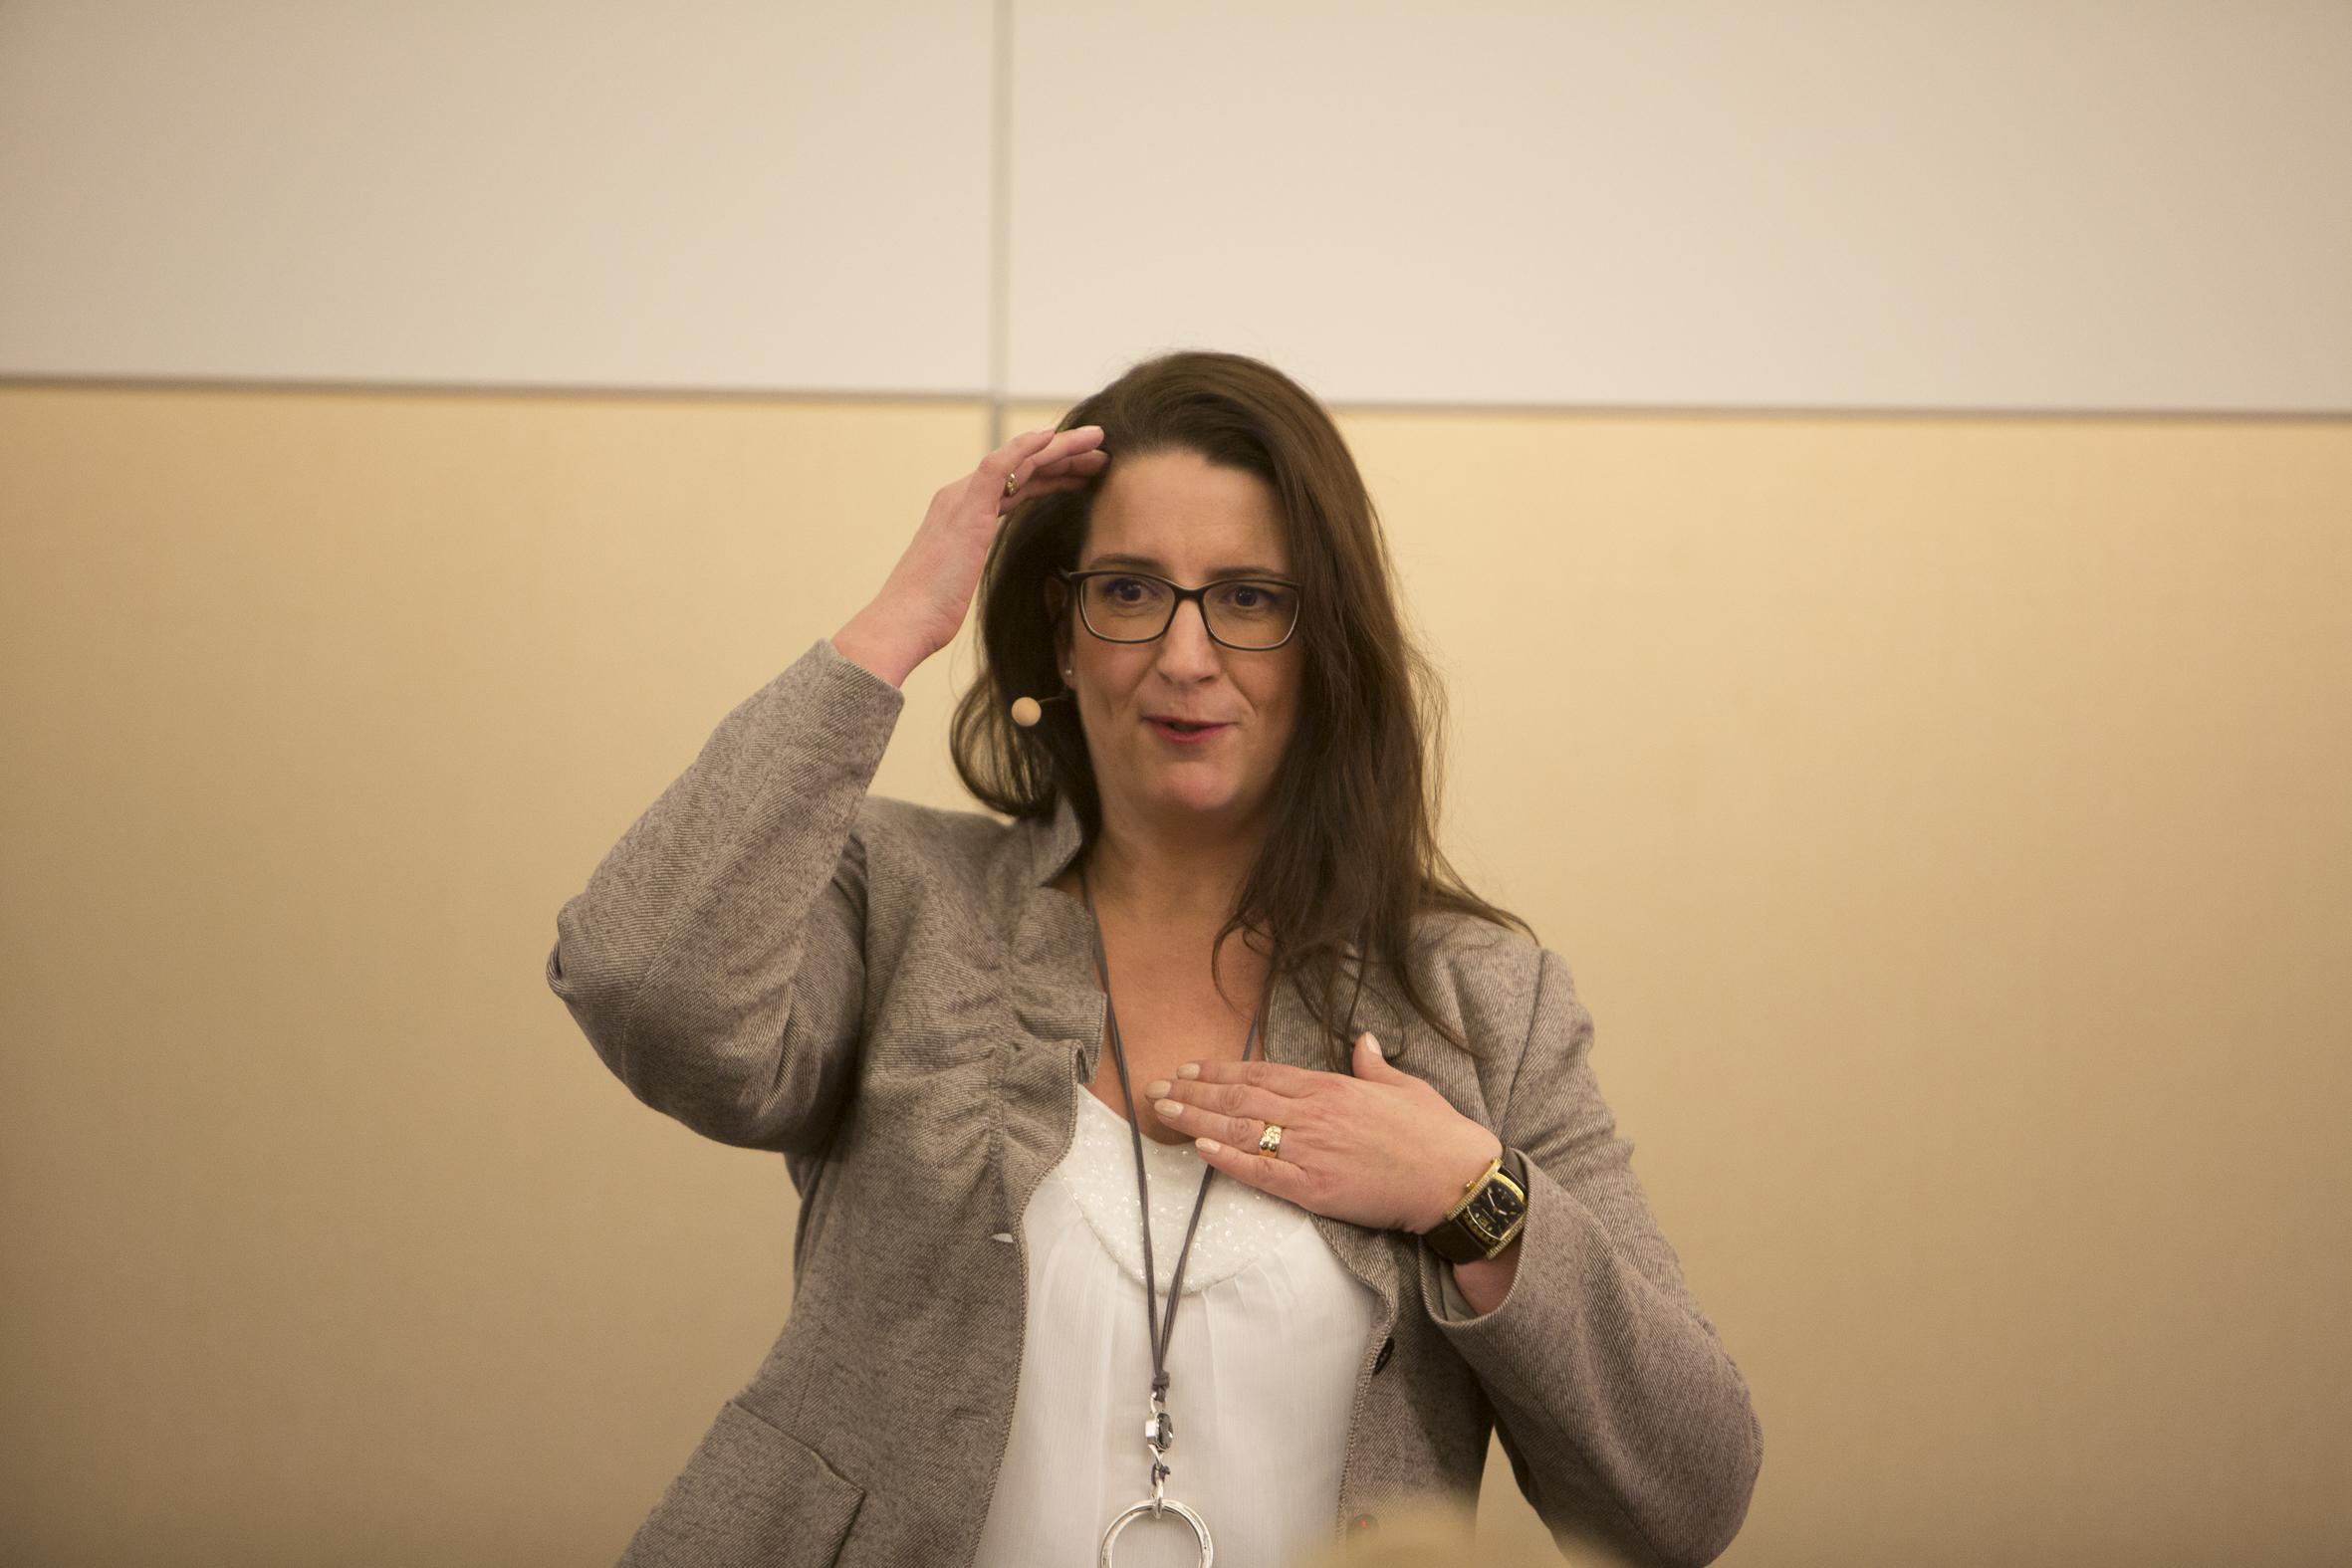 Michaela Forthuber Bühnenbild Speaker